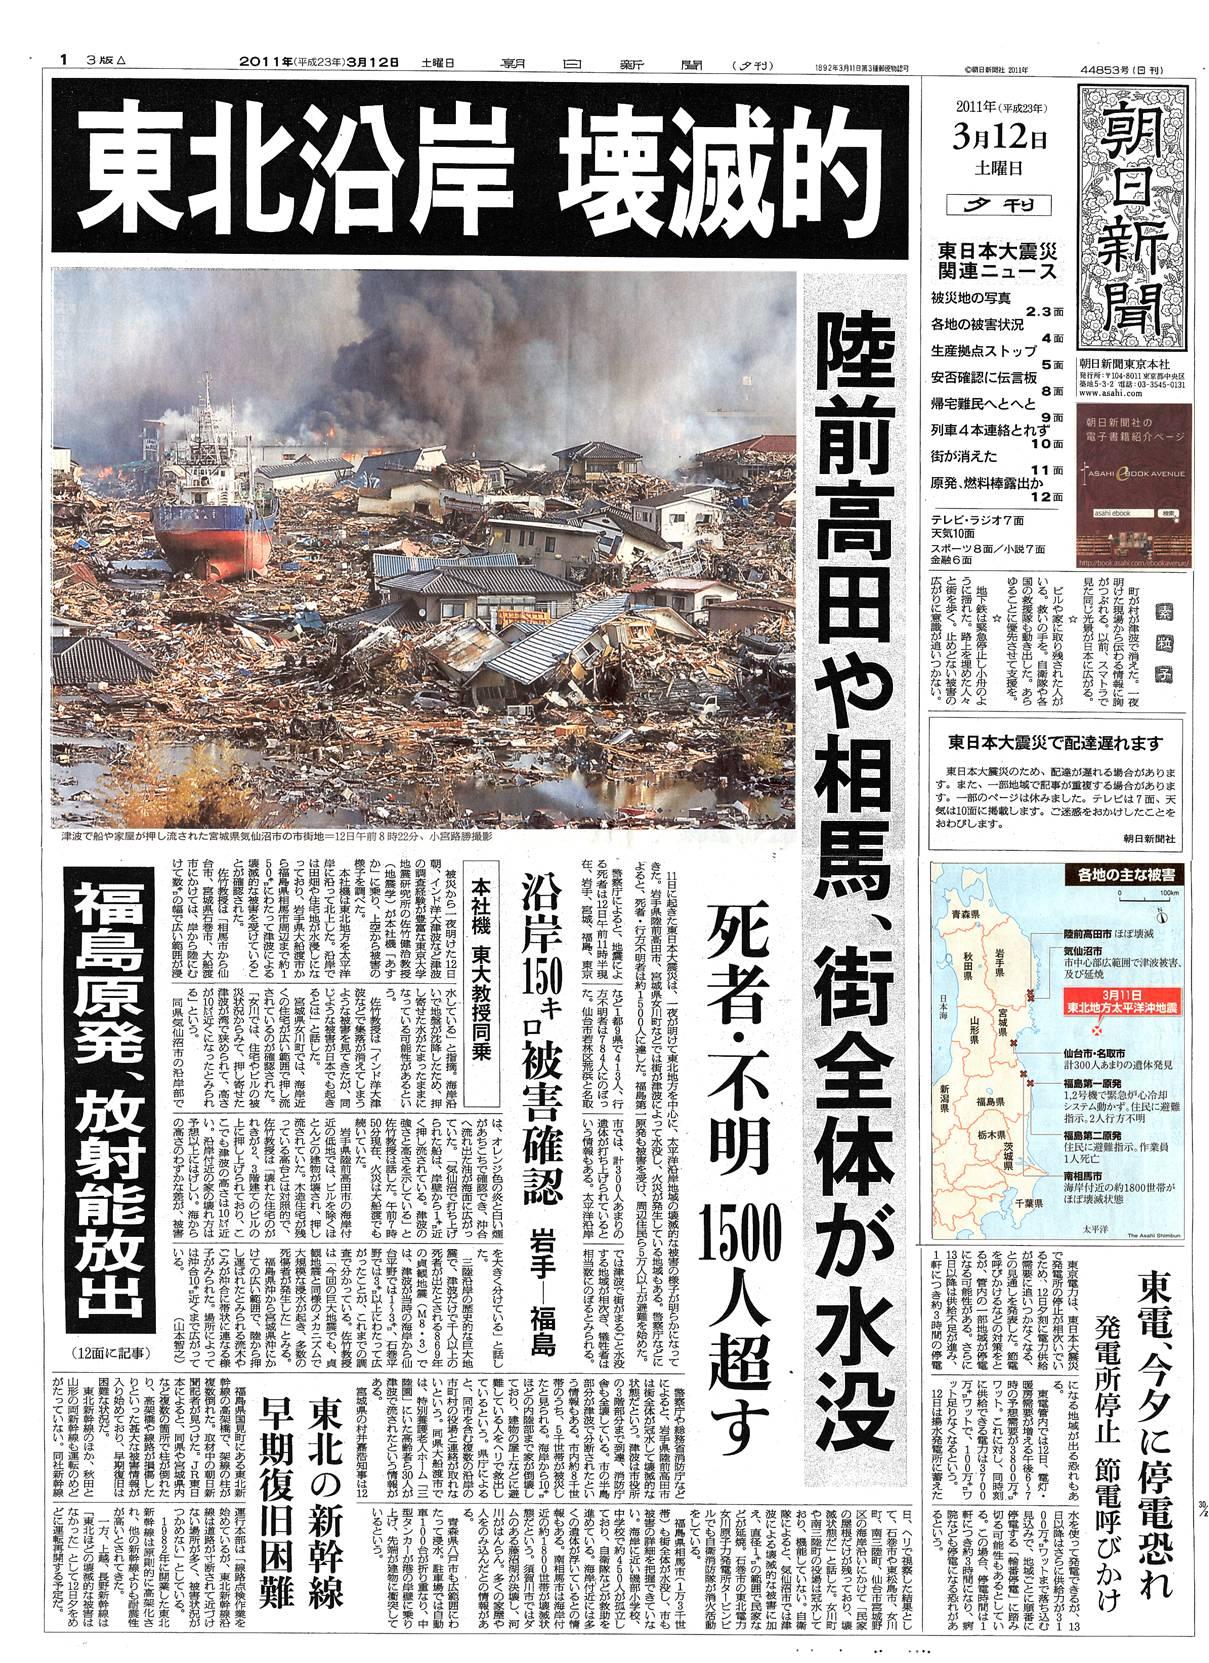 朝日 新聞 地域 版